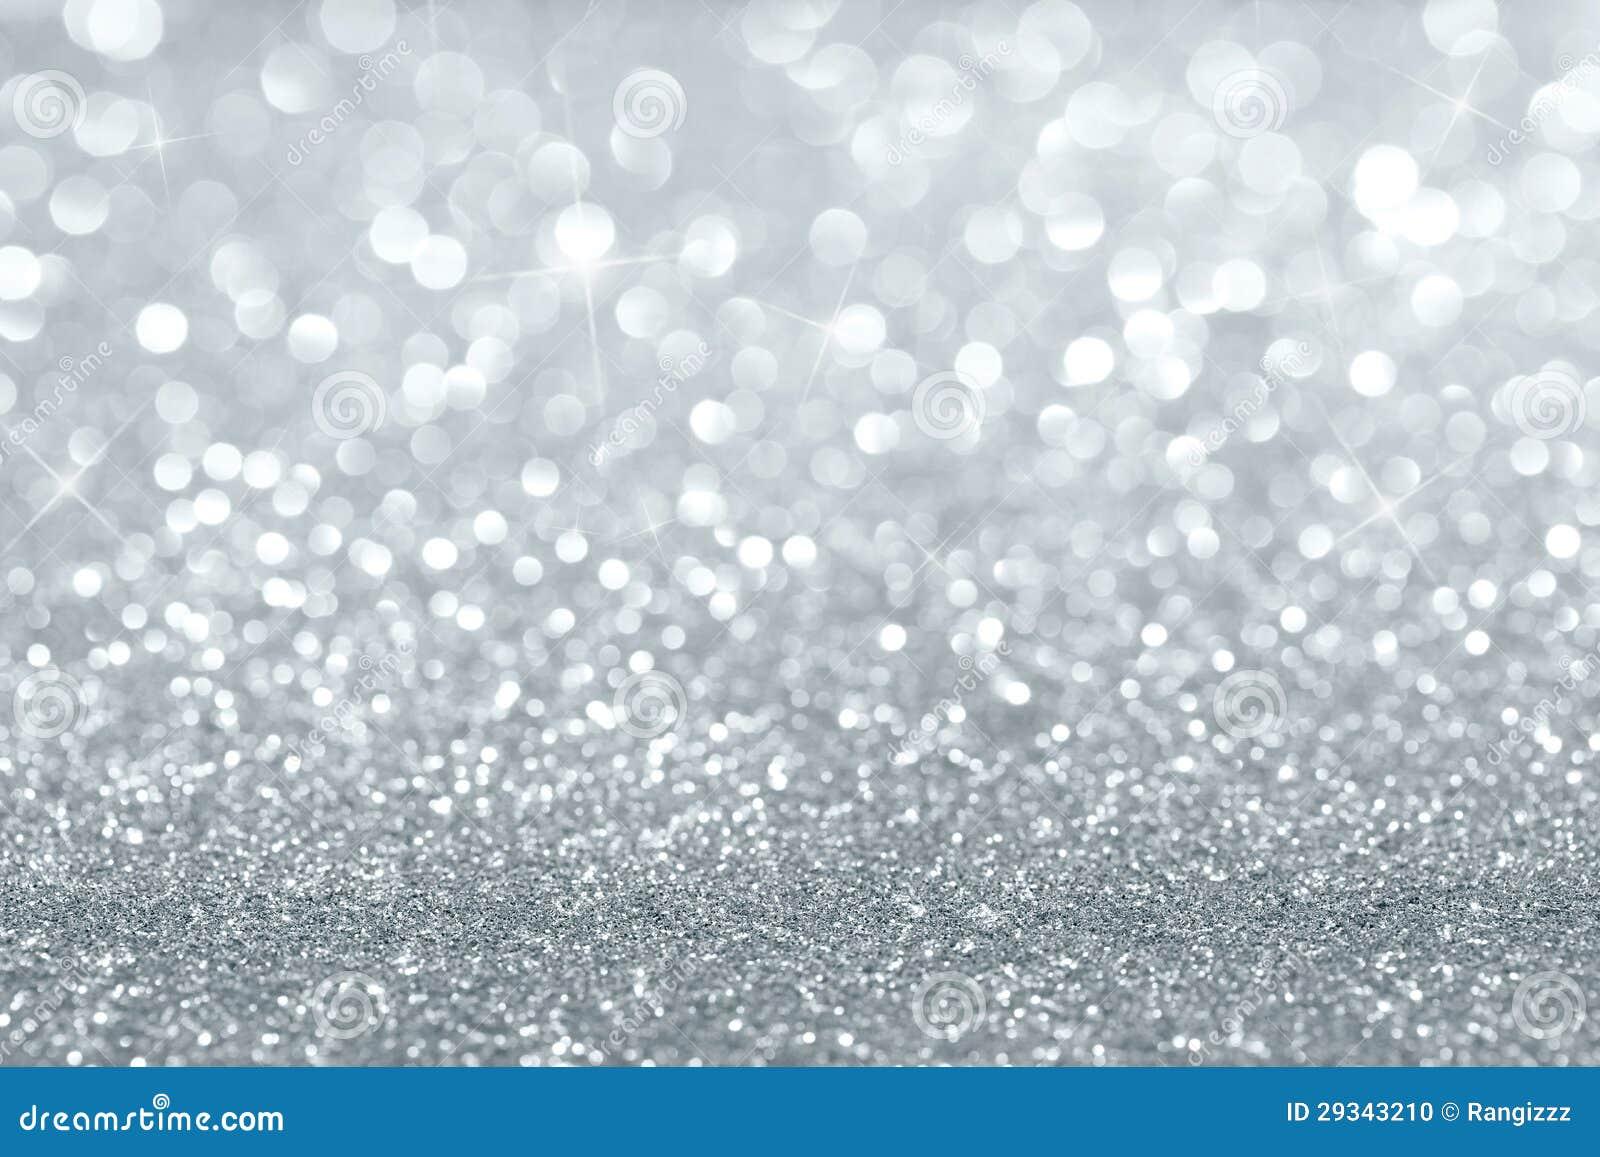 银色闪烁背景